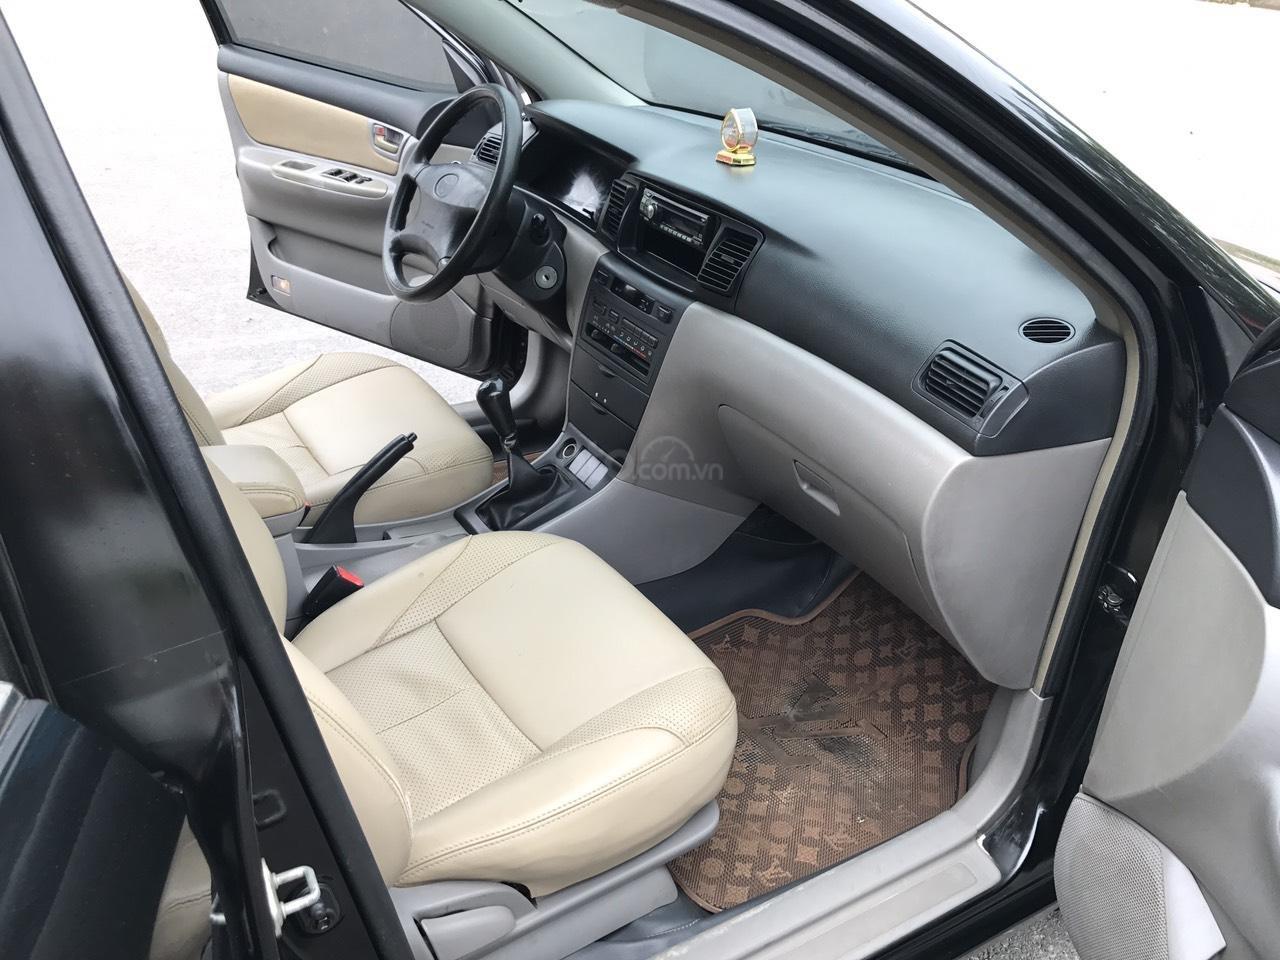 Cần bán xe Toyota Corolla altis 1.8G đời 2003, màu đen. Chính chủ cực chất lượng-6